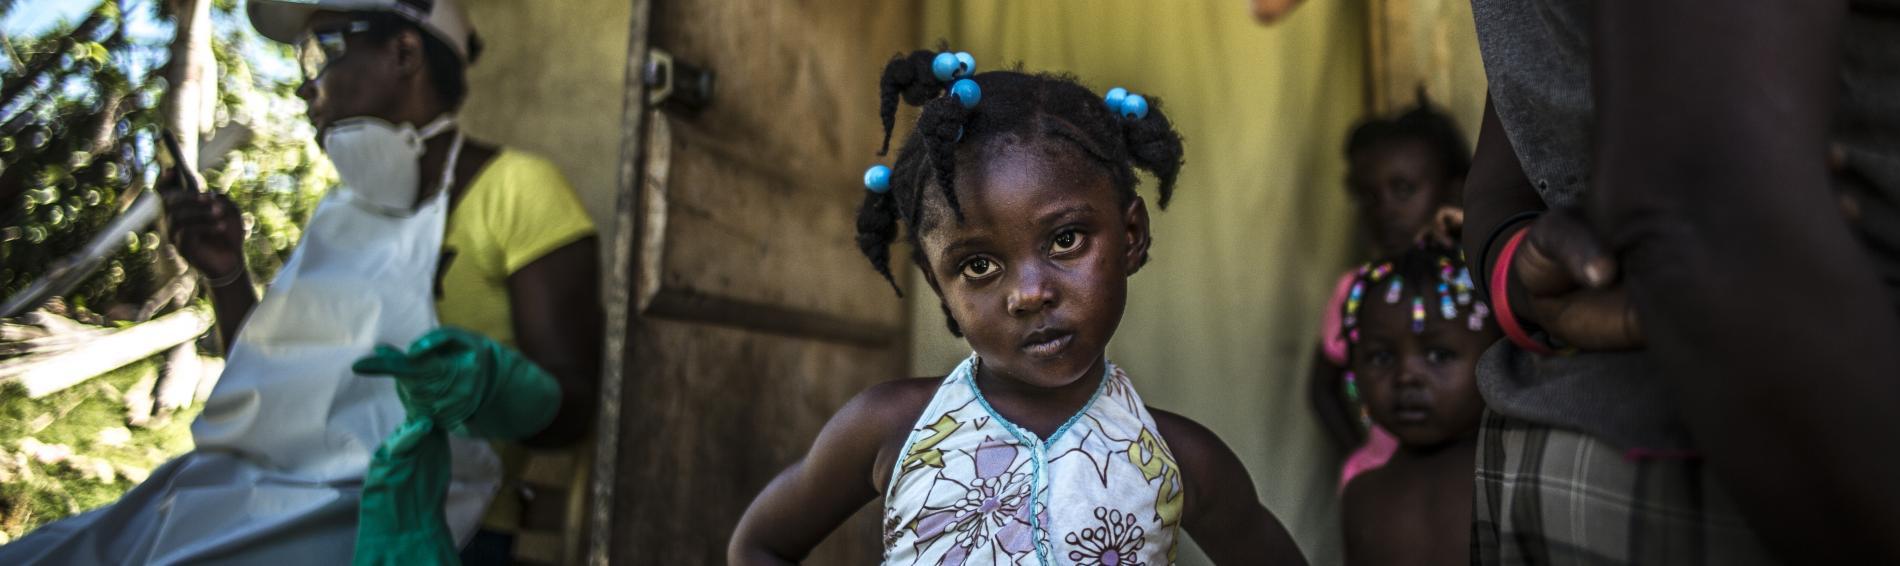 Ein kleines Mädchen schaut selbstbewusst in die Kamera